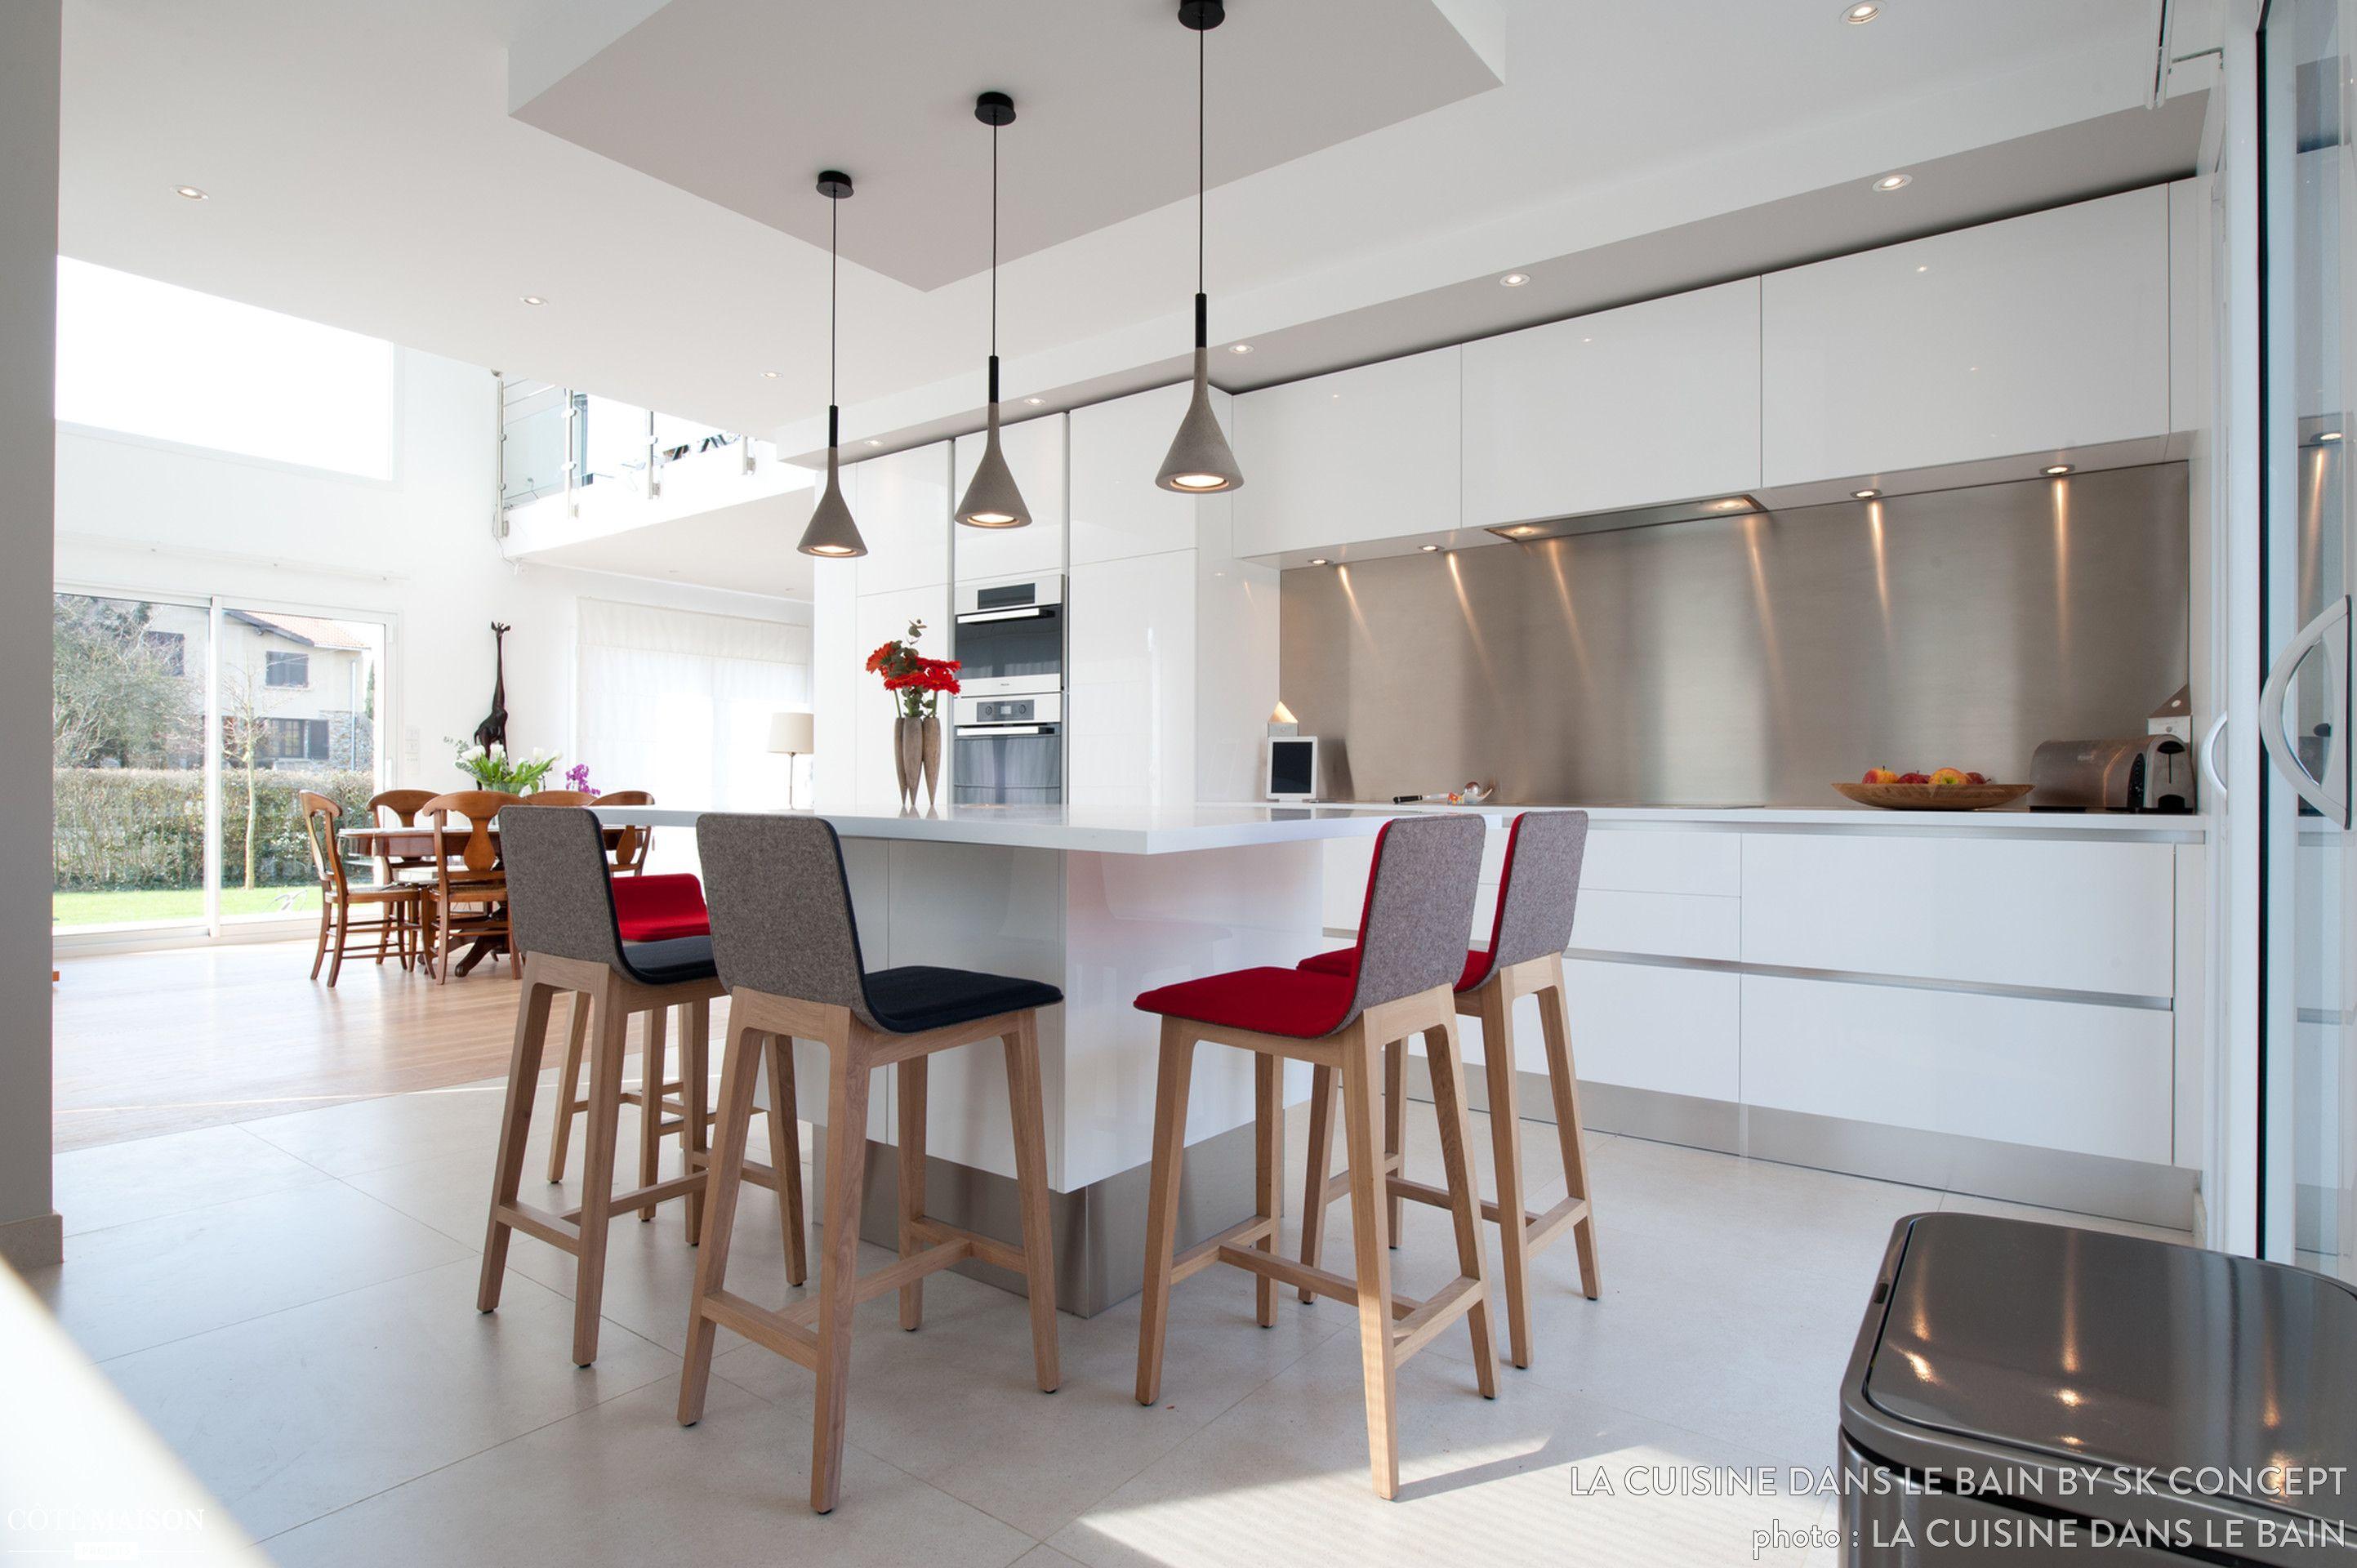 Une cuisine design italien total look blanc avec lot central finition laque blanc brillant for Mobilier cuisine design